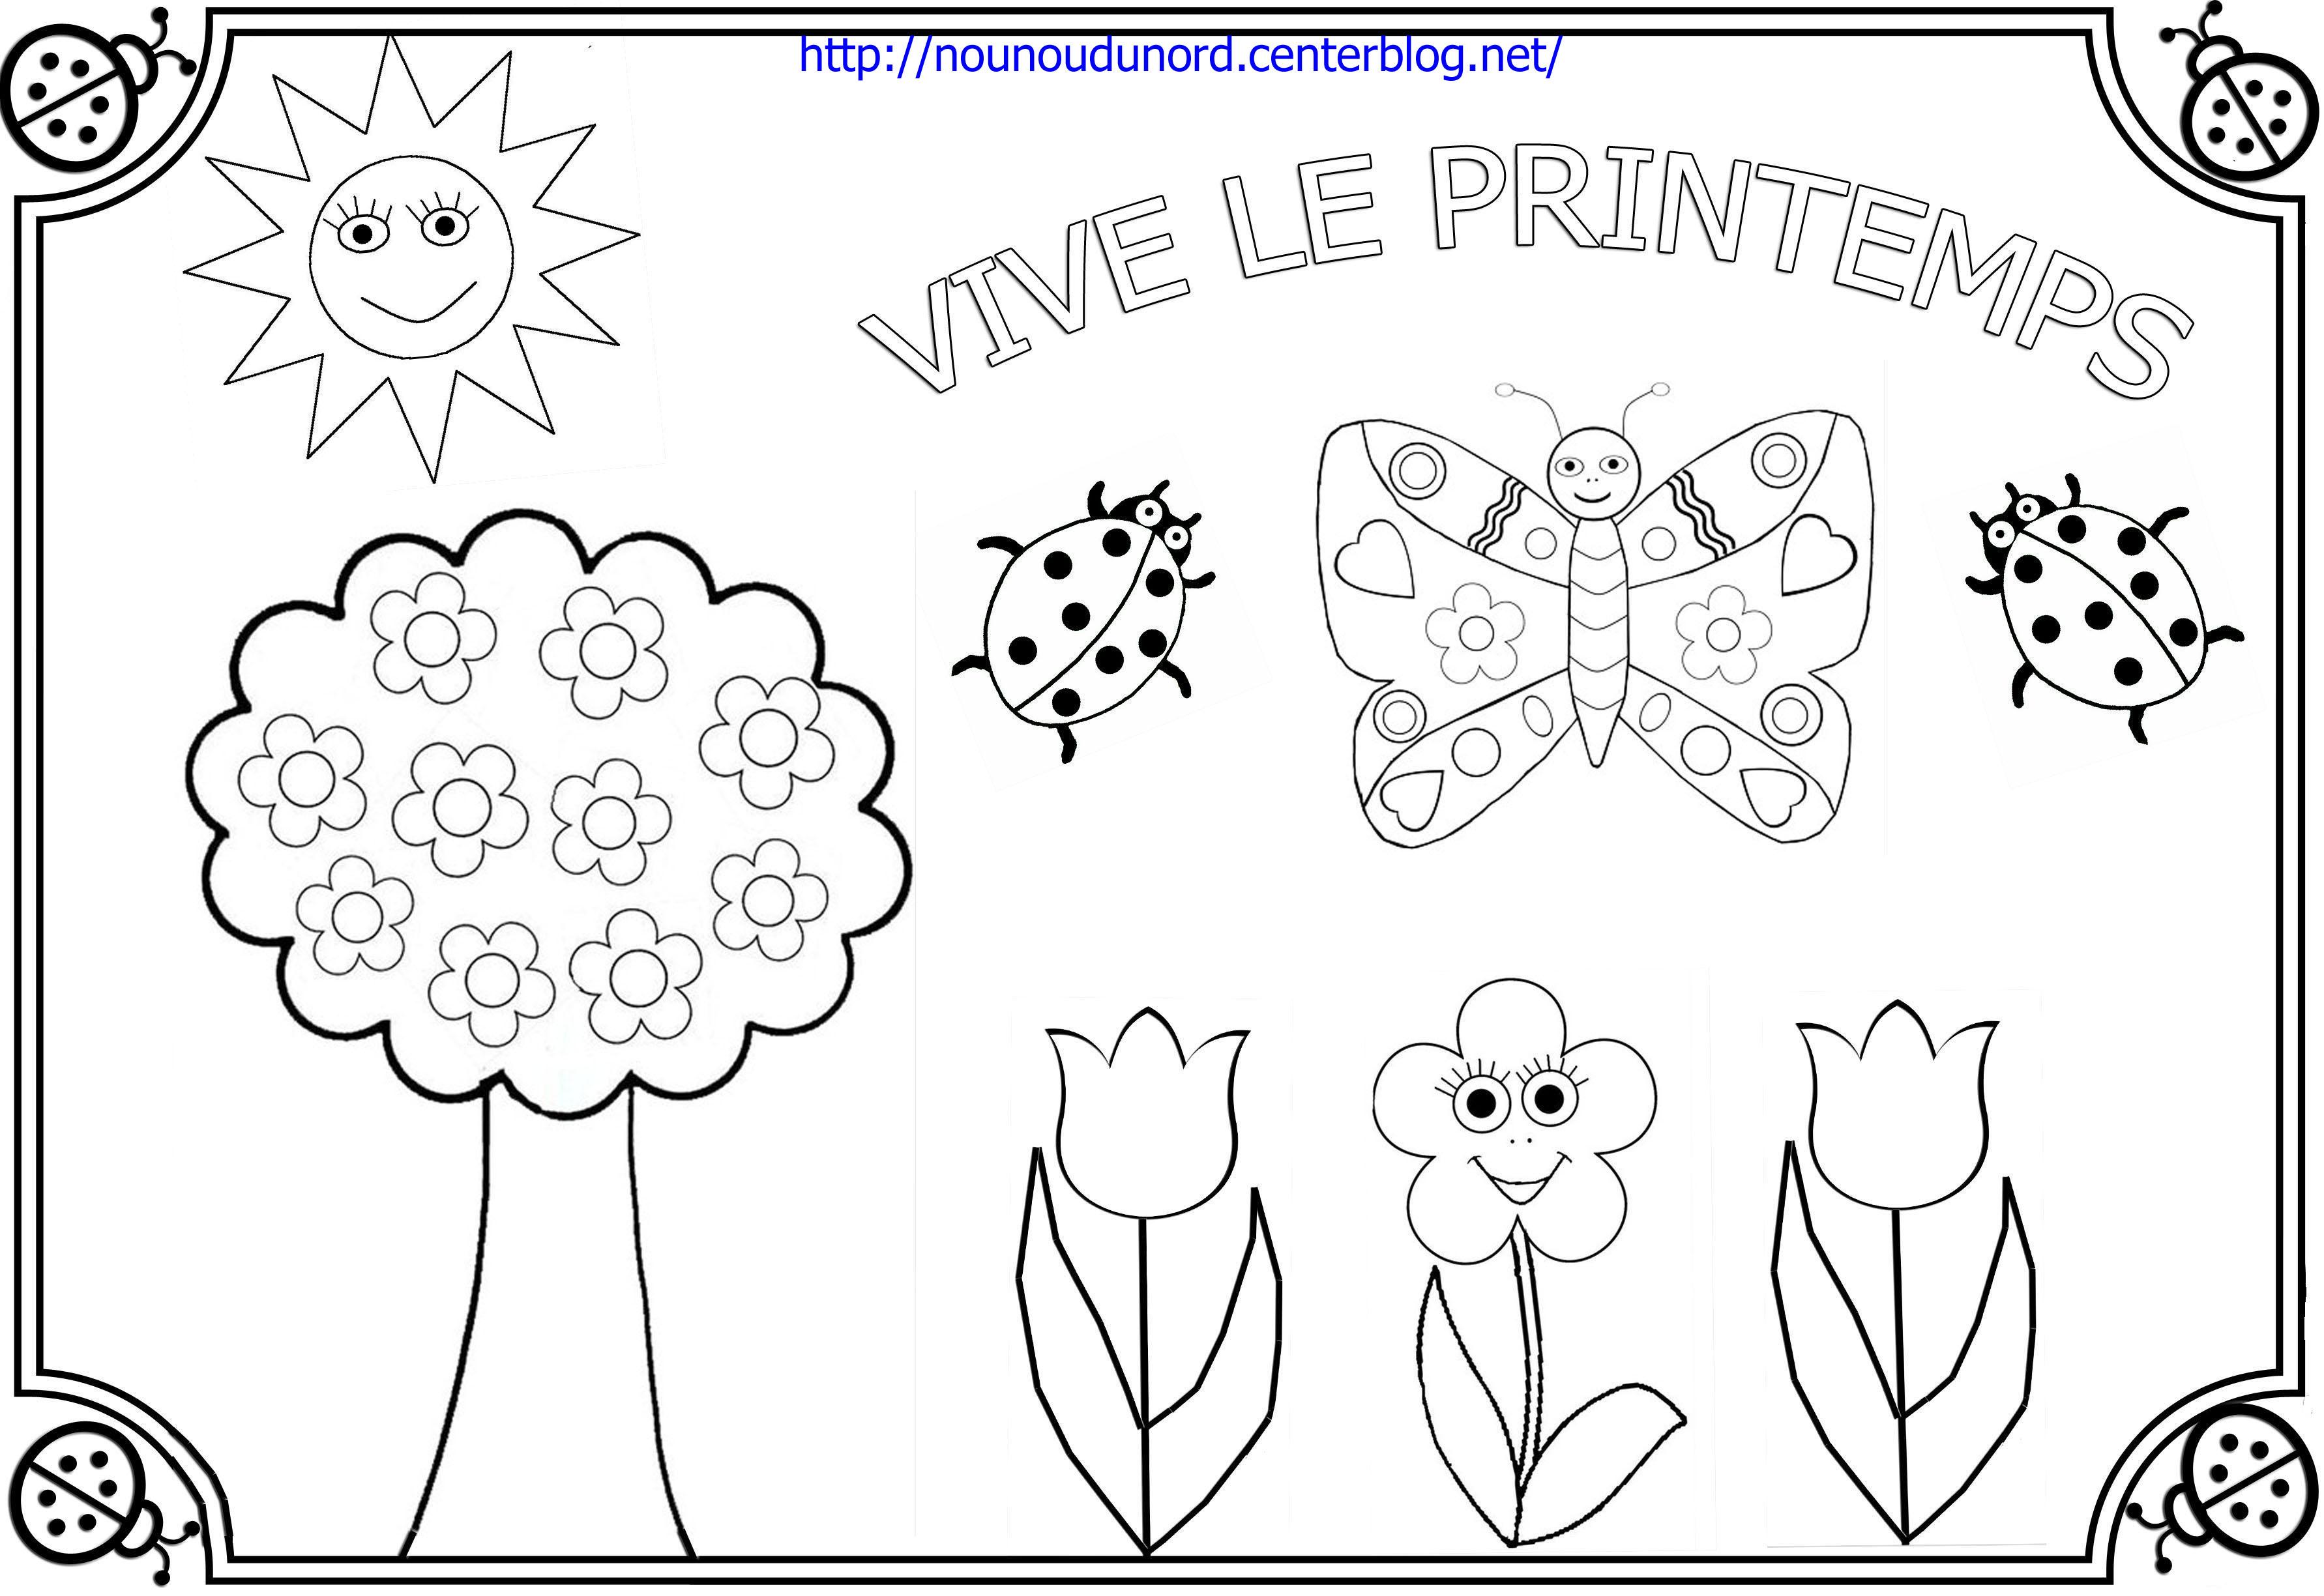 Coloriage Avril Printemps.Coloriage Printemps Paques